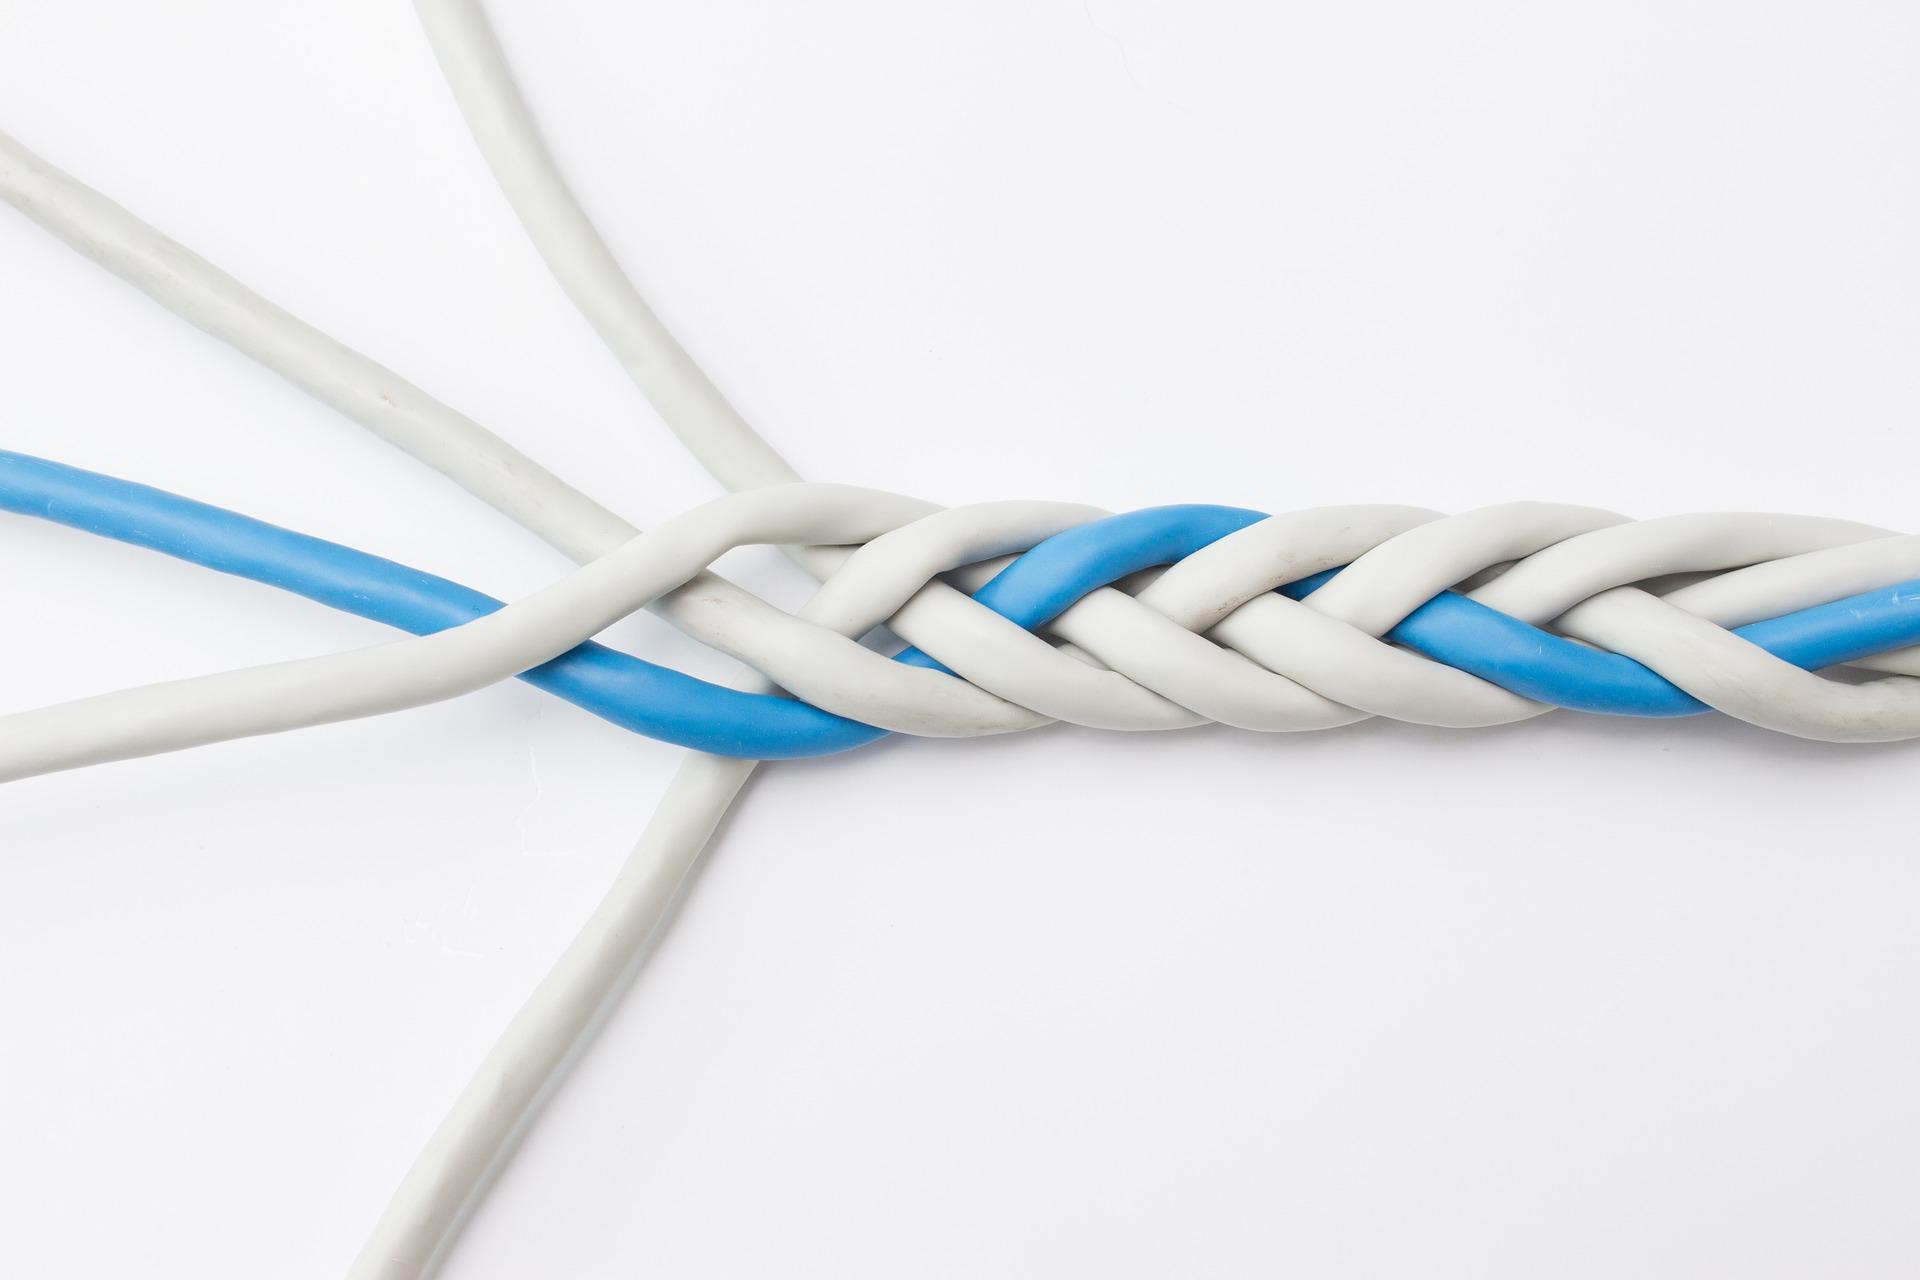 Kabel-Verflechtung